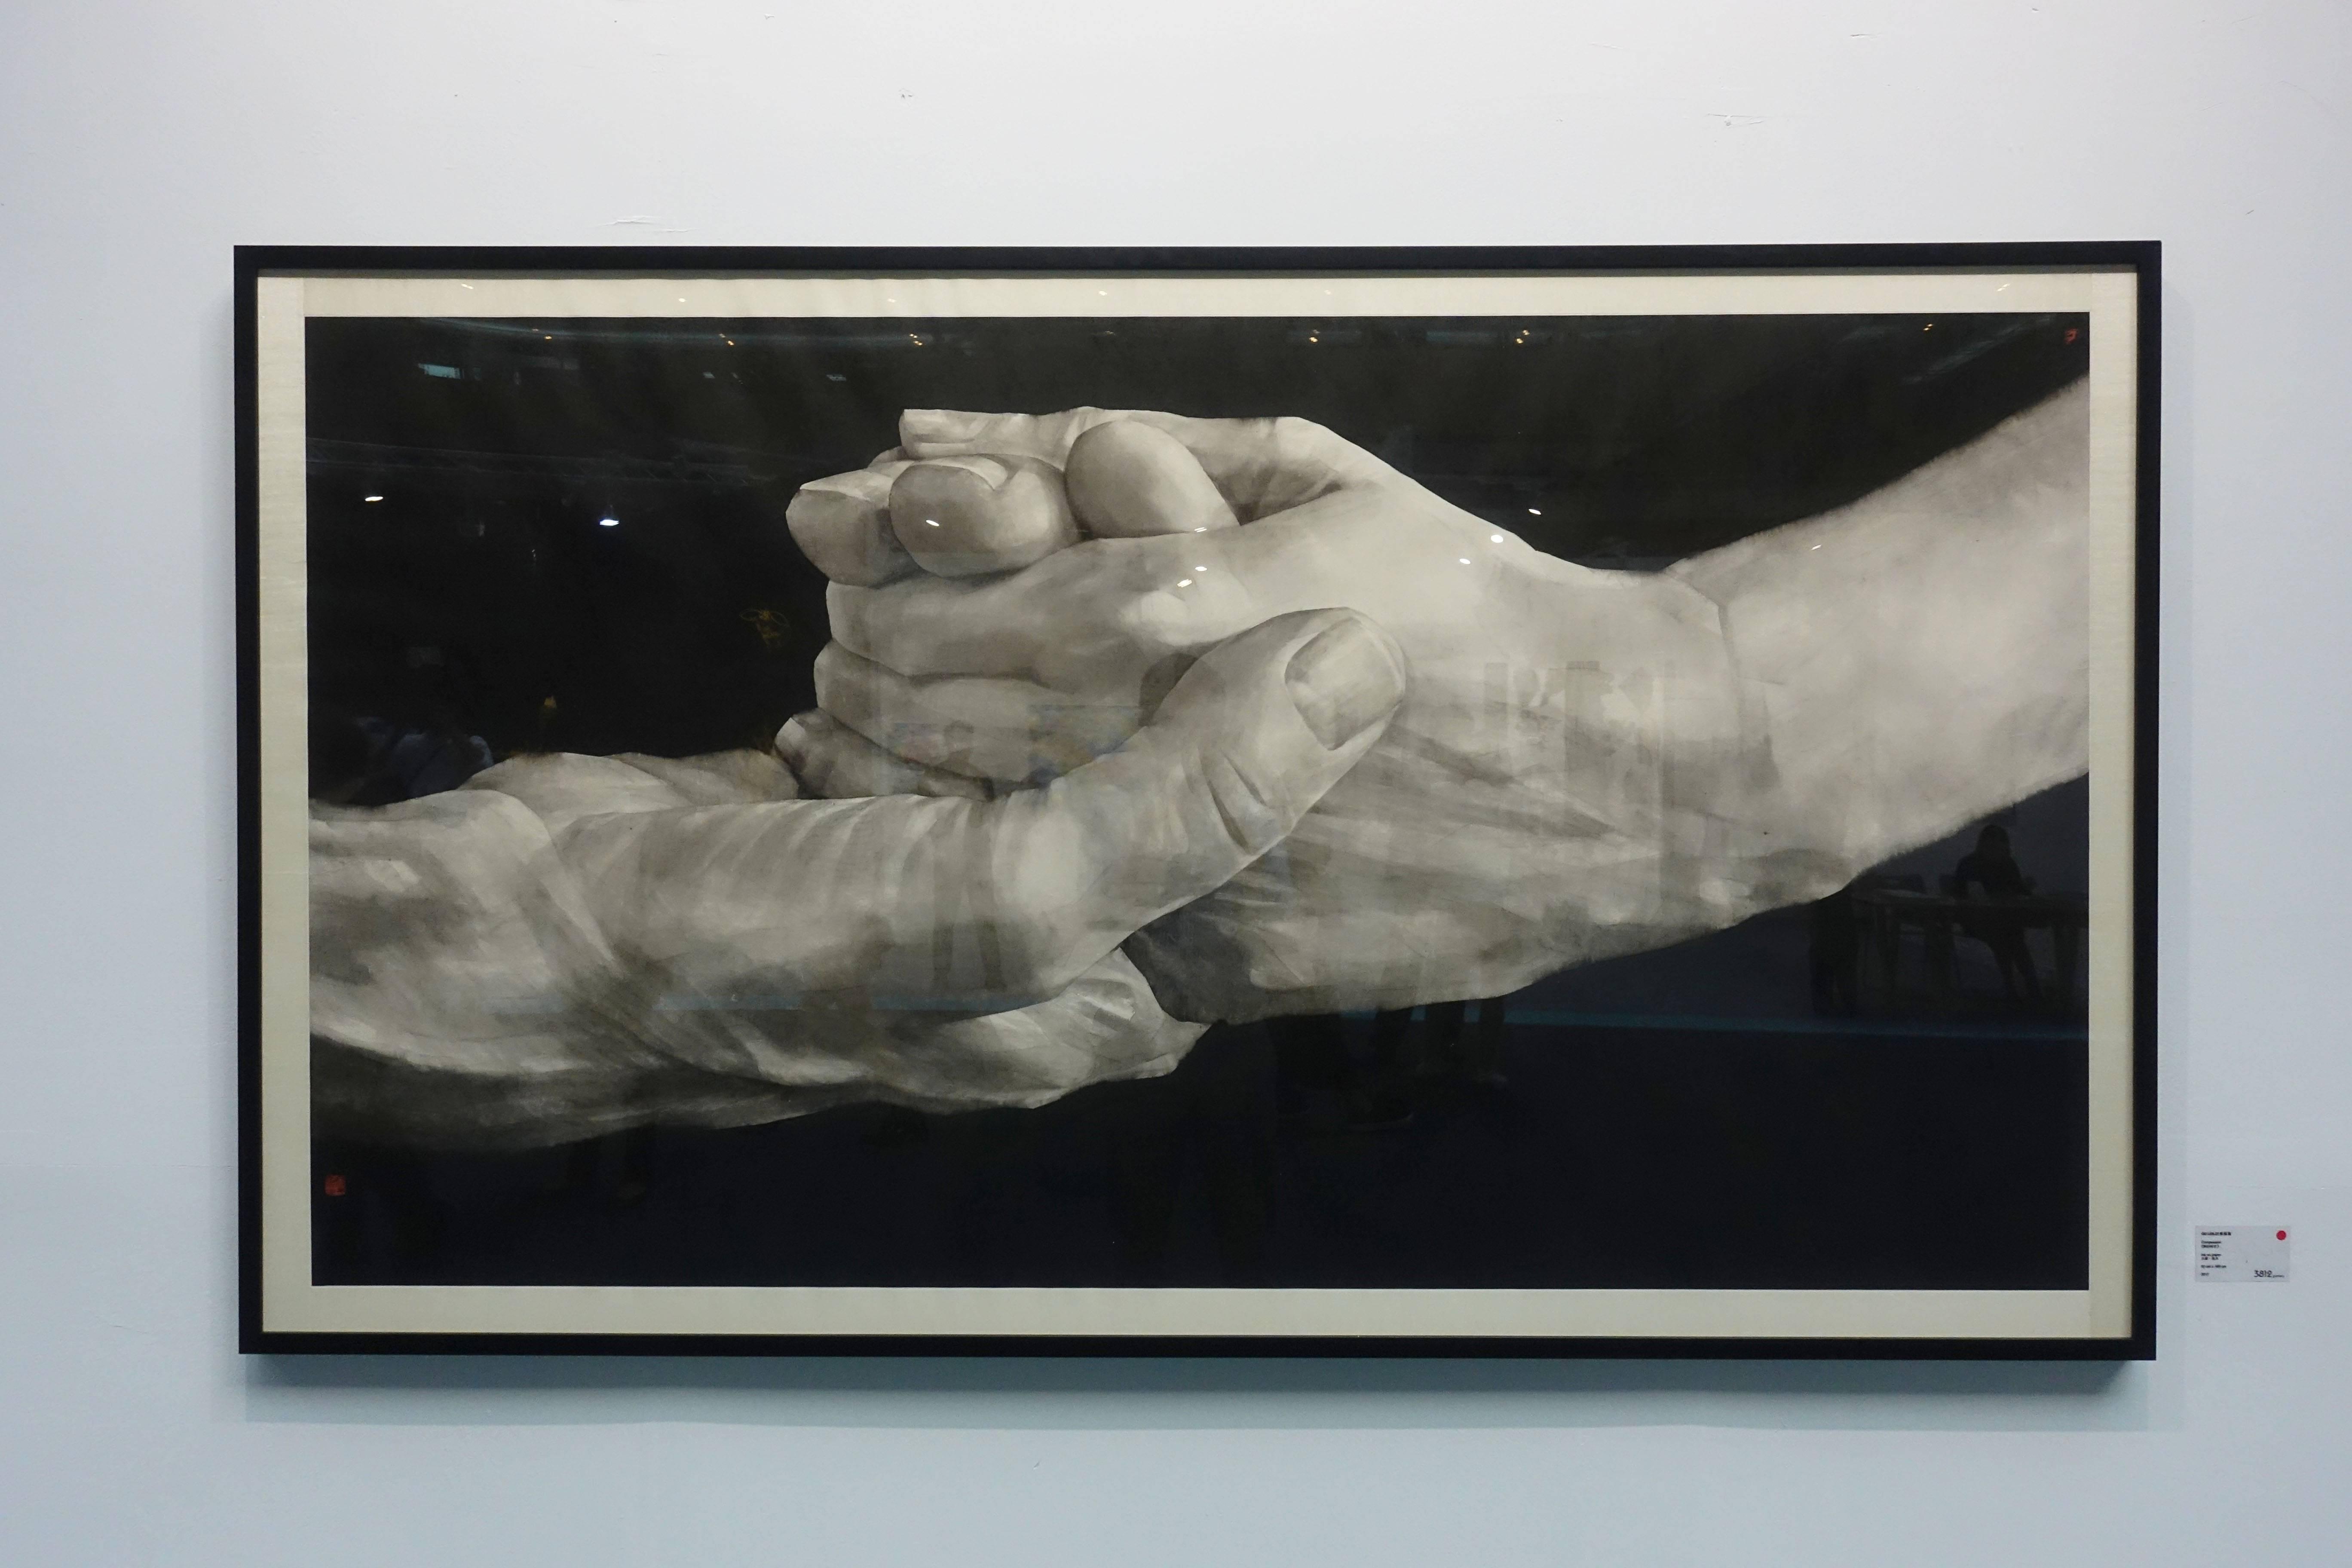 香港3812畫廊-曲磊磊,《愛的時空》,紙本水墨,107x190cm,2016。